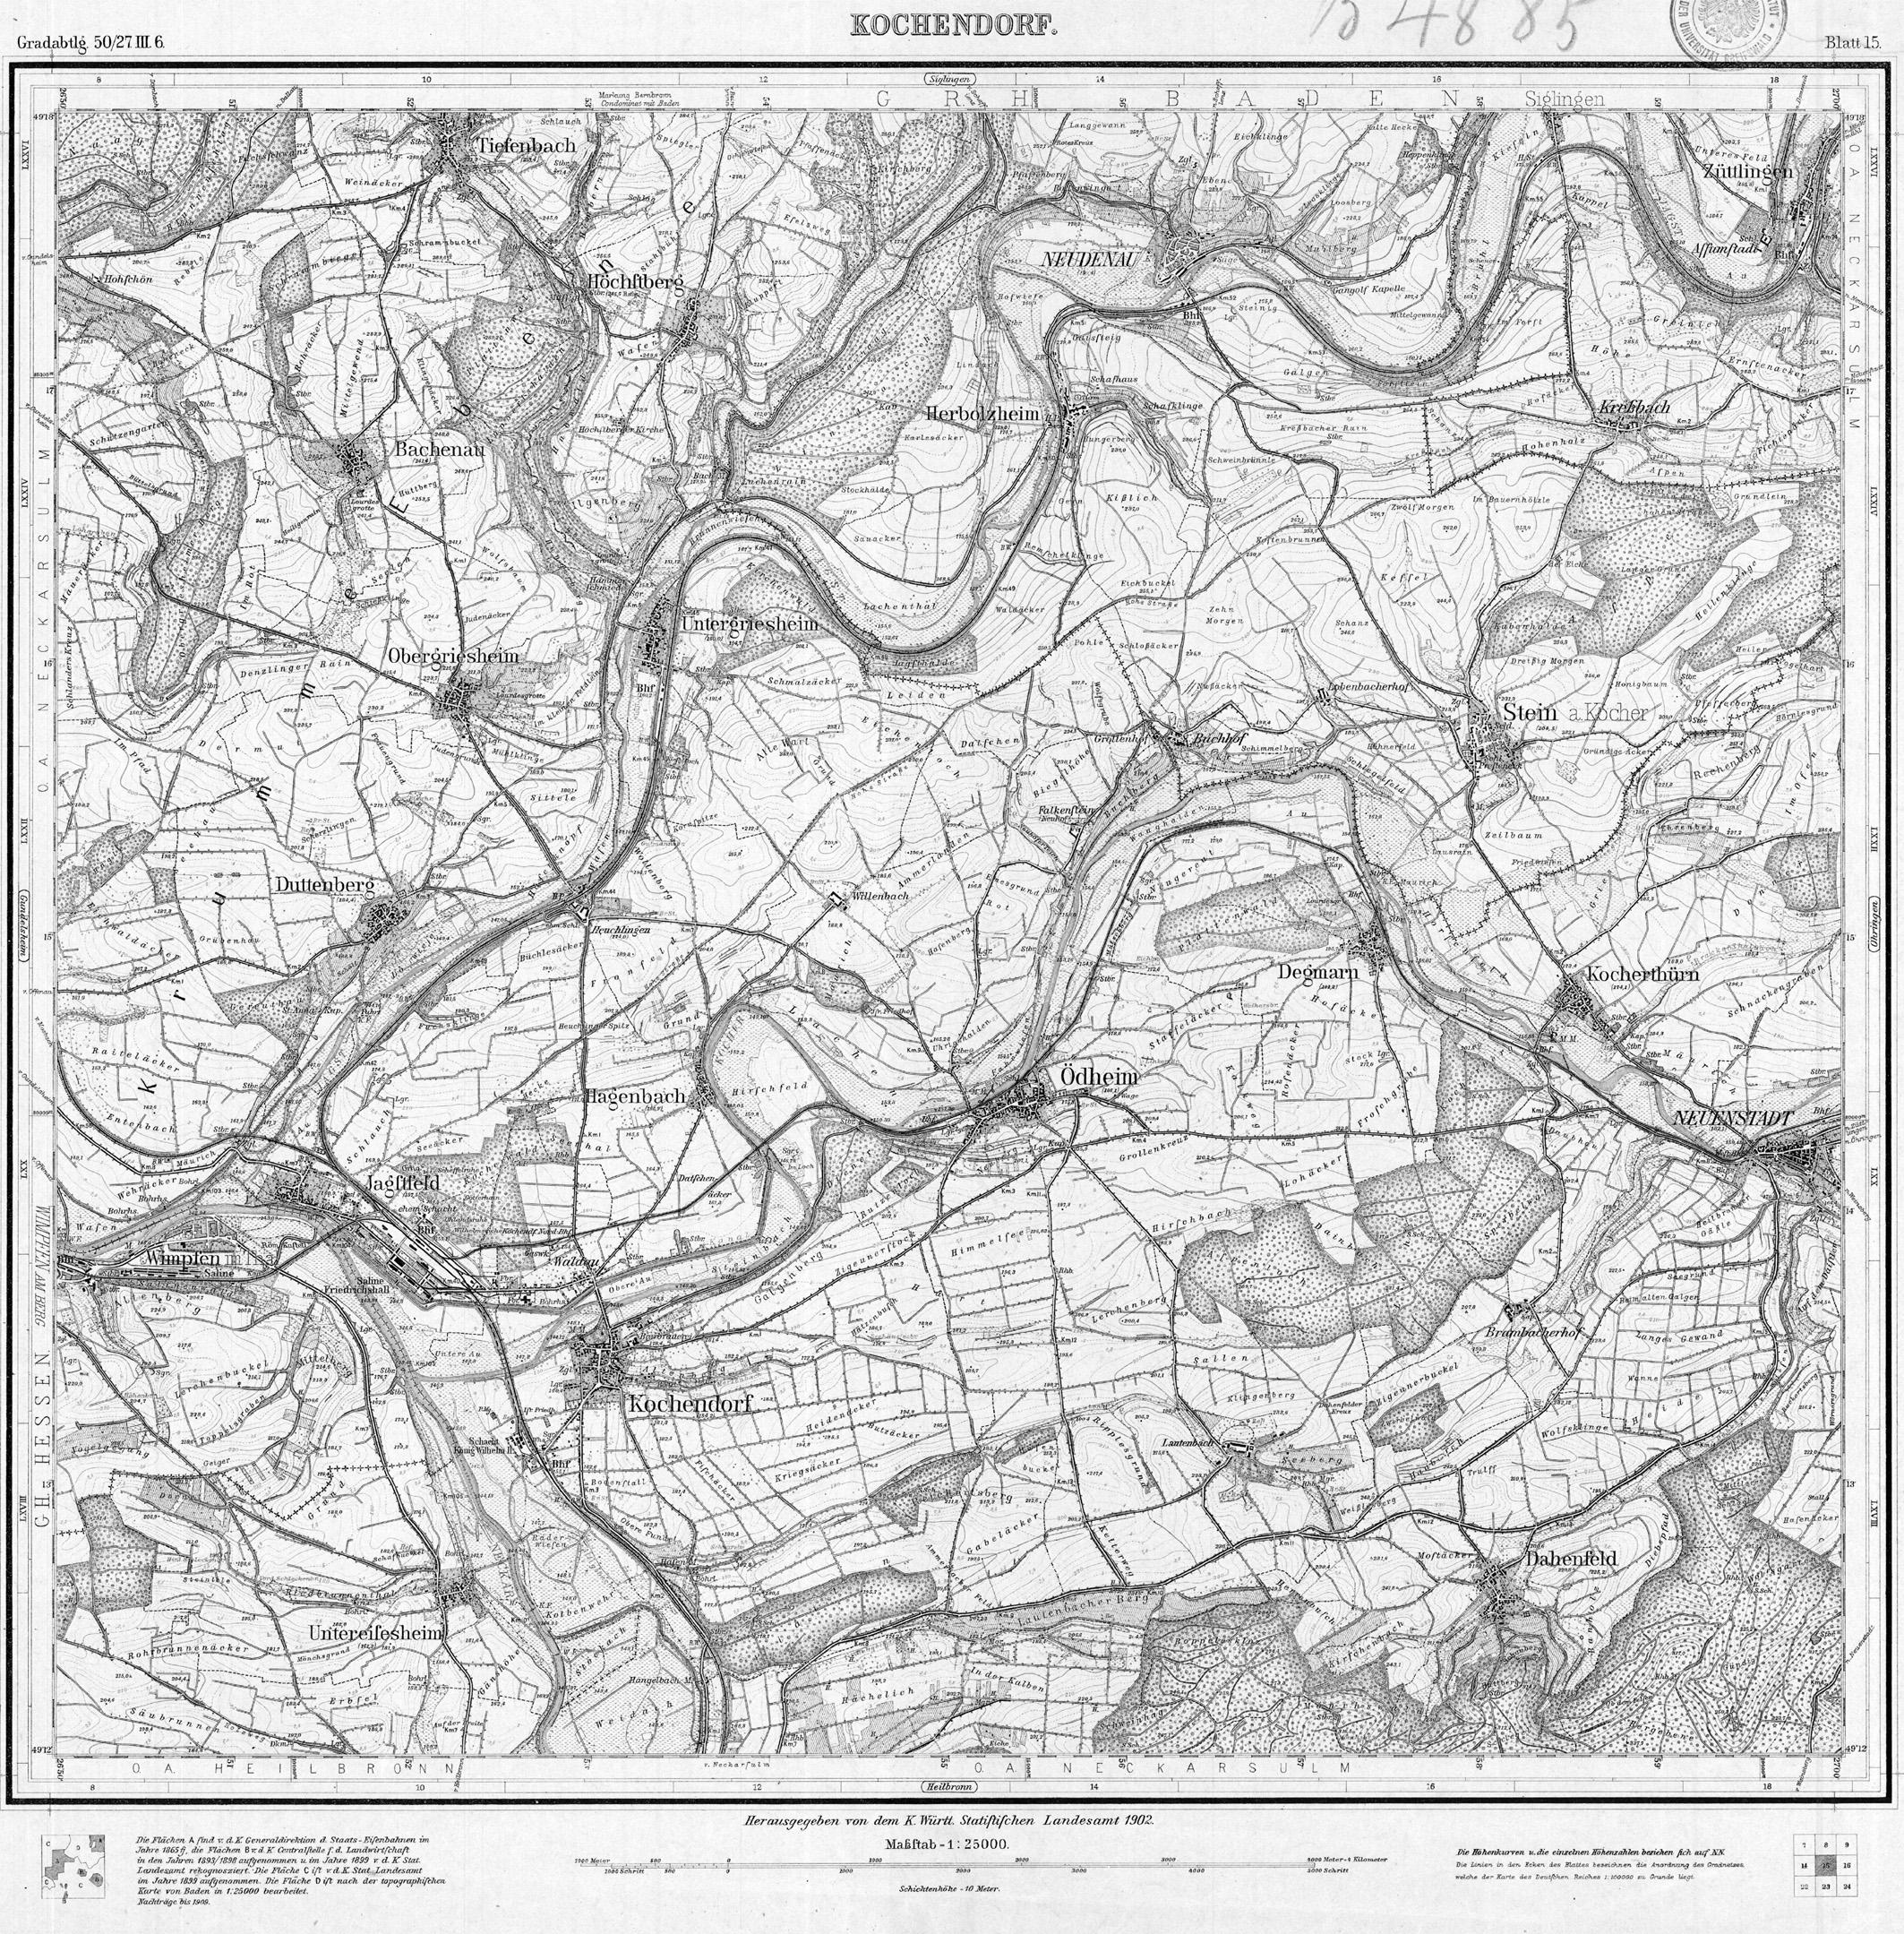 topographie karte Datei:Topographische Karte 1 25000 Blatt 15 (6721) Kochendorf 1902  topographie karte